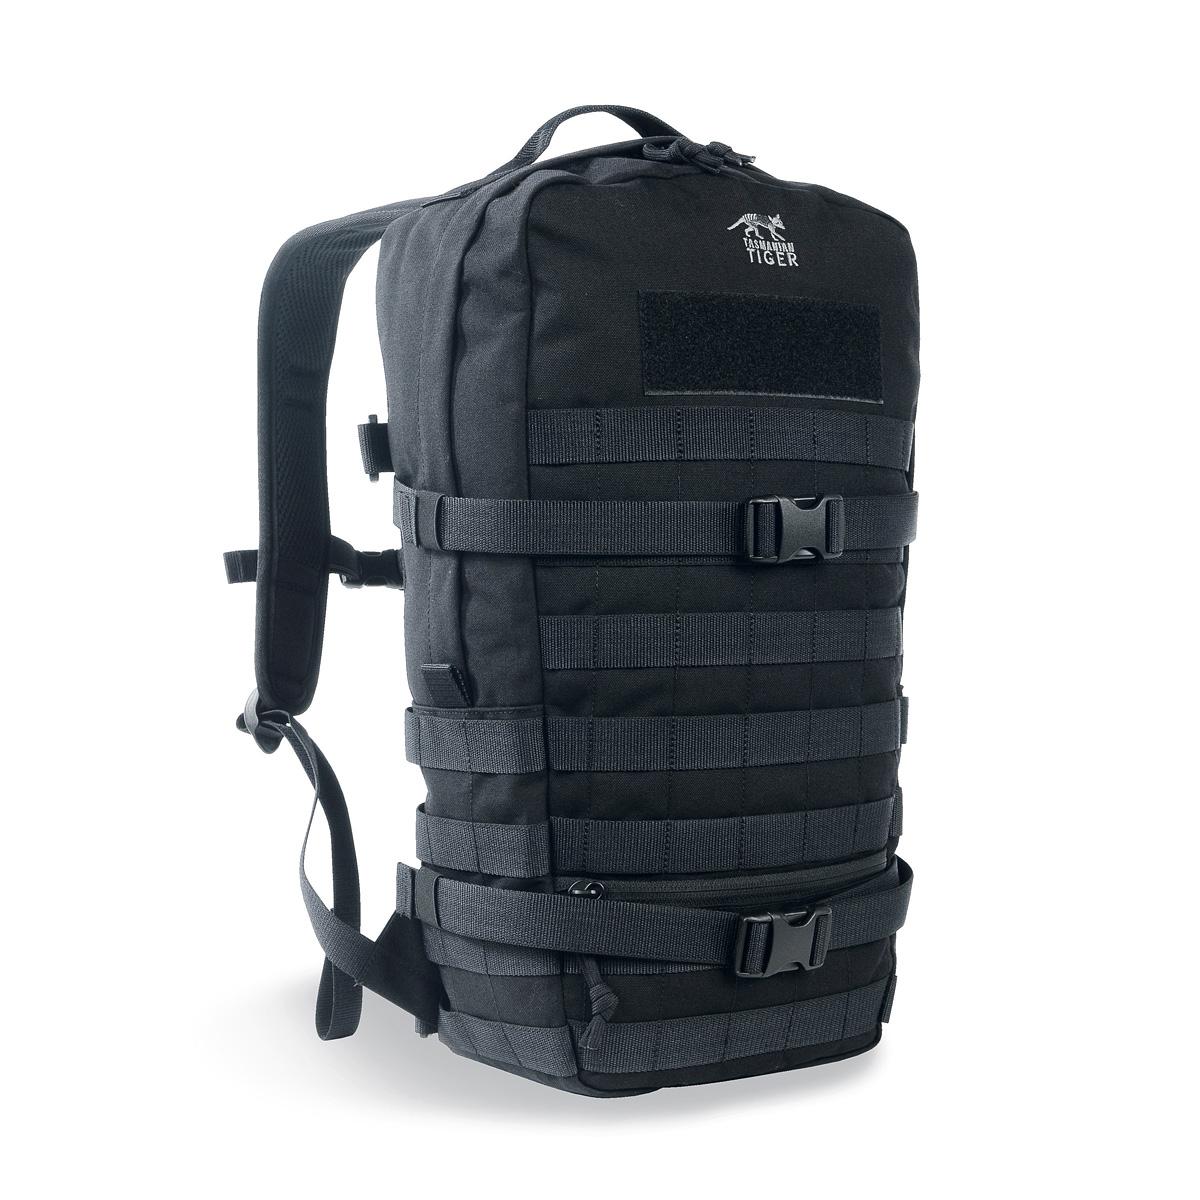 Tiger рюкзаки официальный сайт рюкзаки адидас в киеве